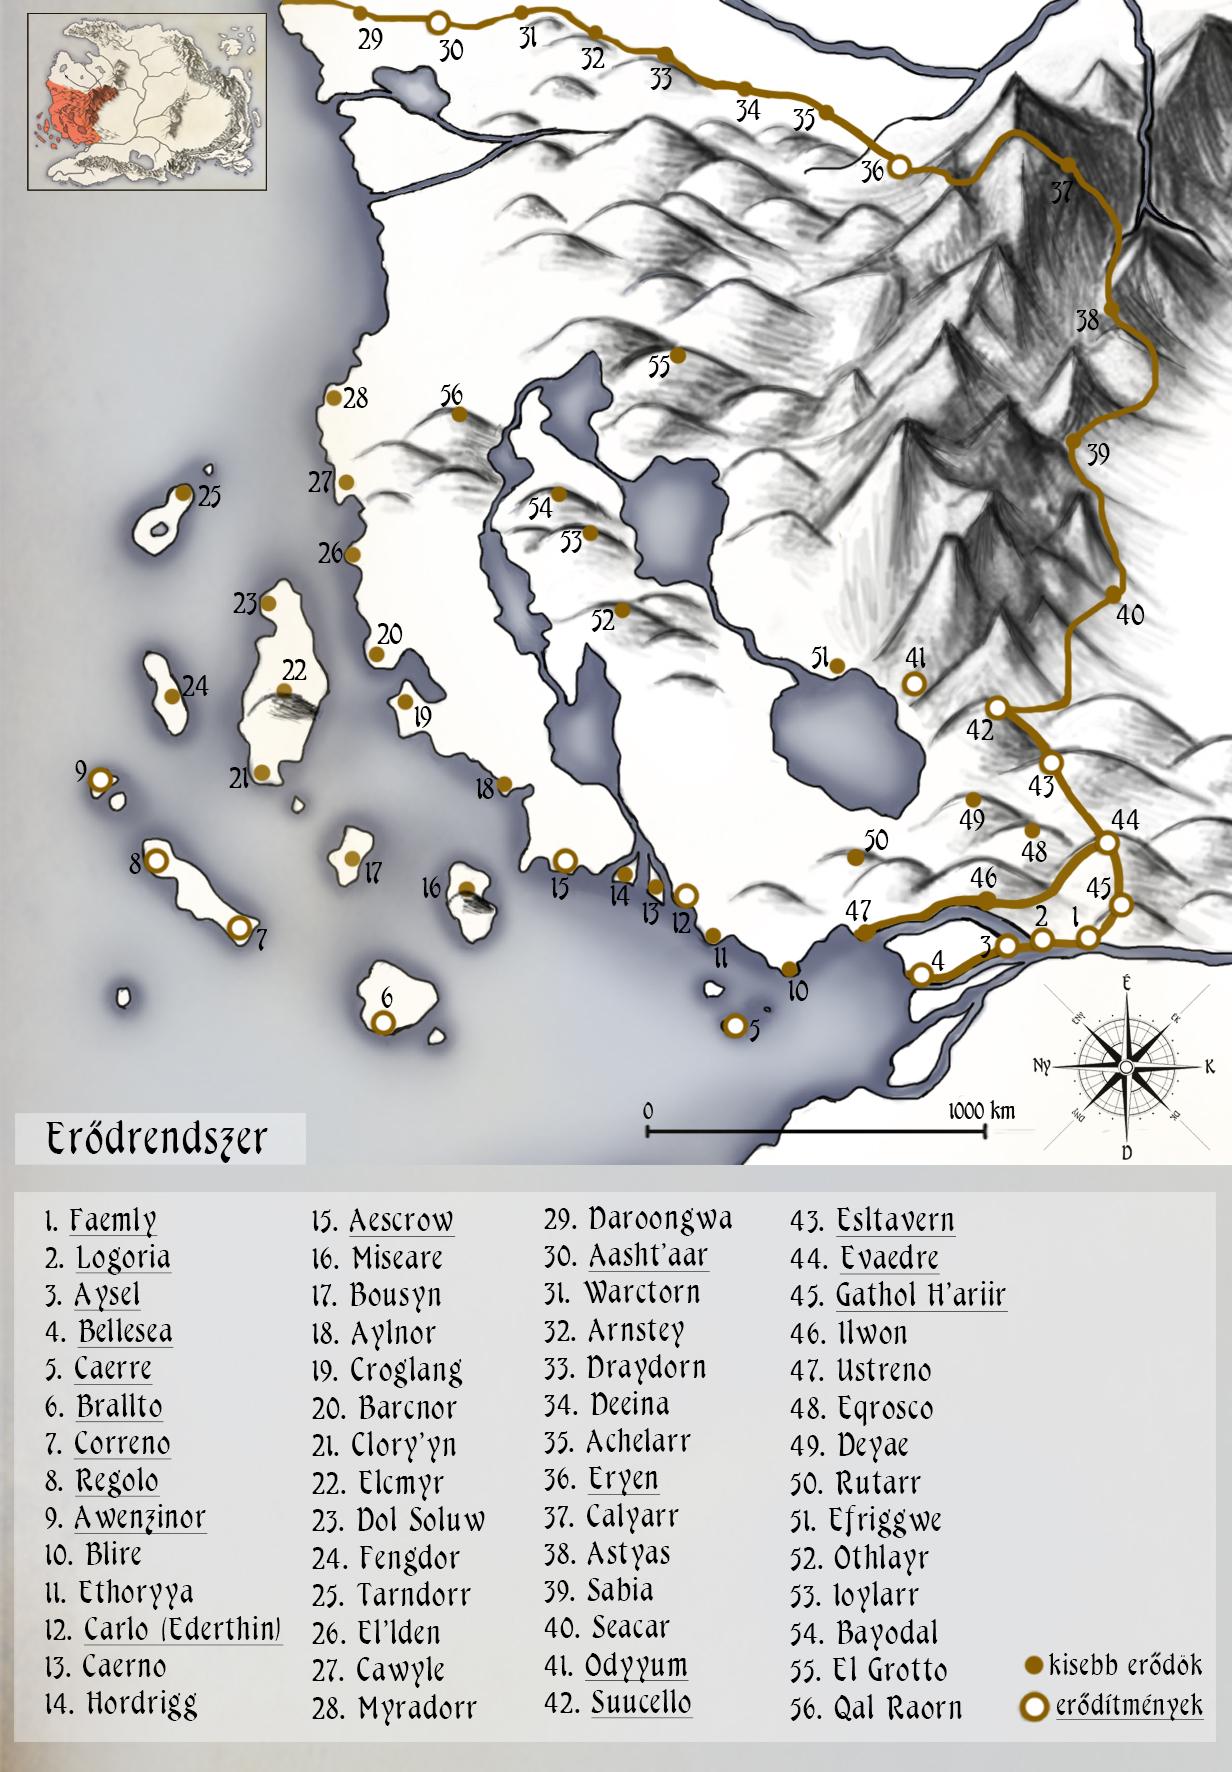 Dombtavi Fejedelemség - Erődrendszer T_erodrendszer2b